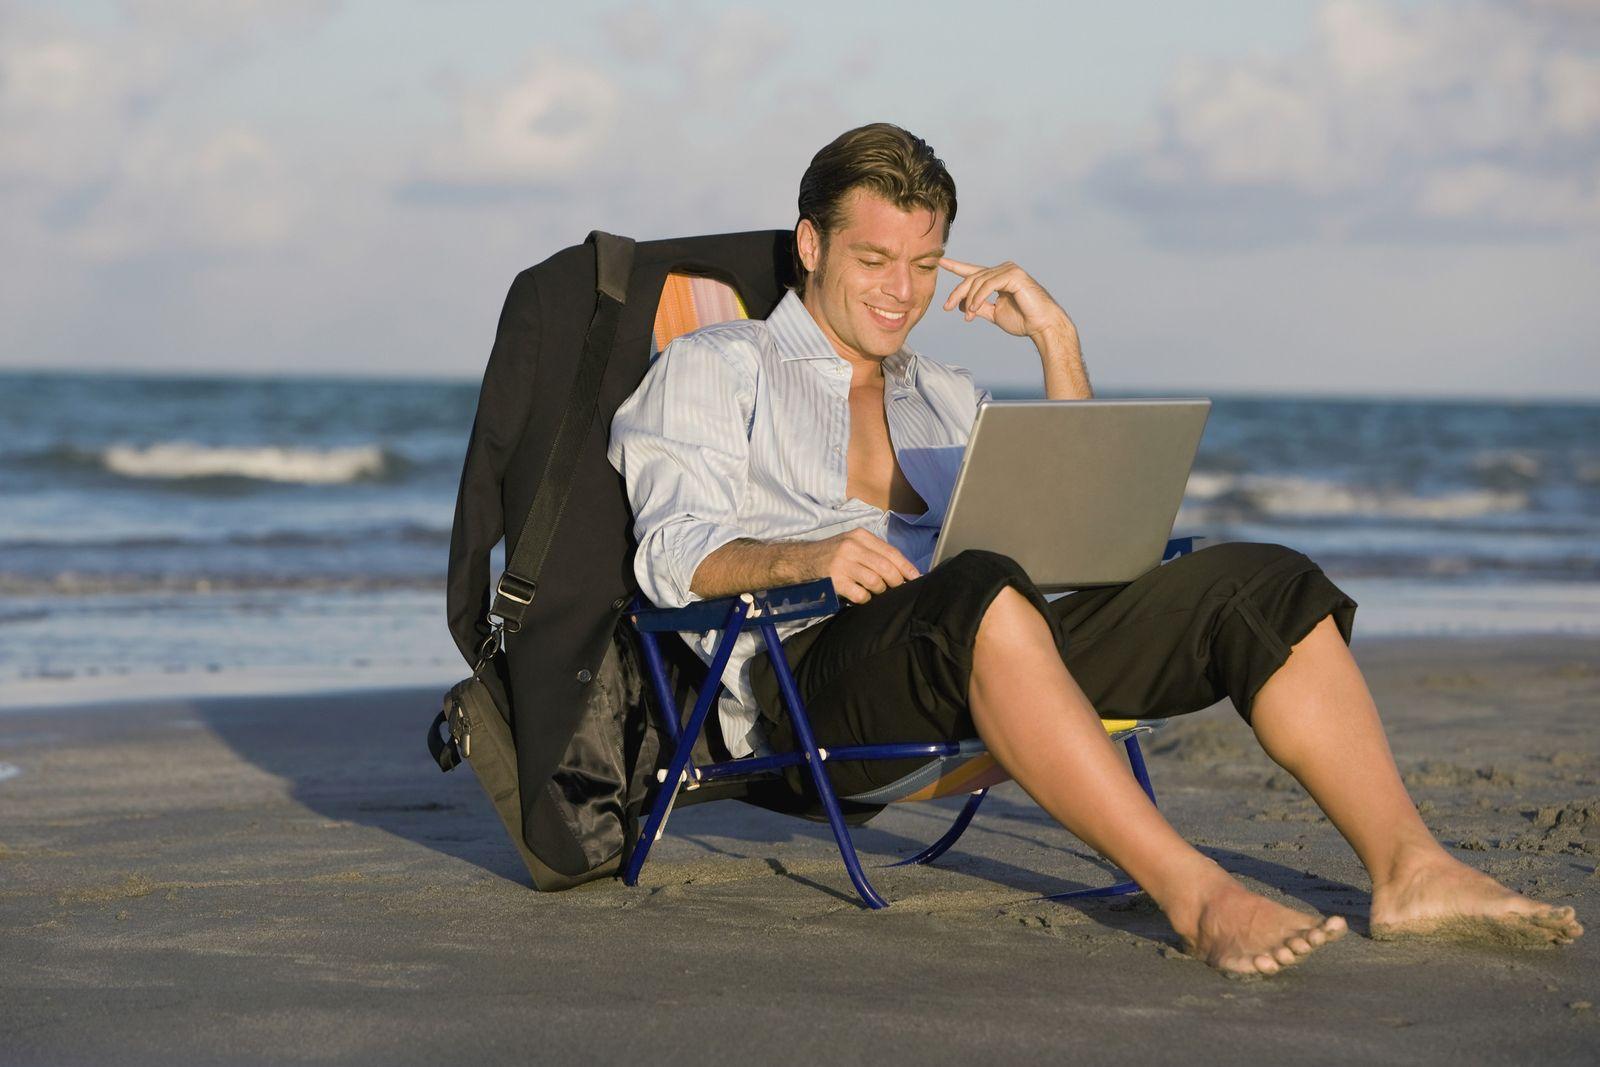 NICHT MEHR VERWENDEN! - Strand Laptop